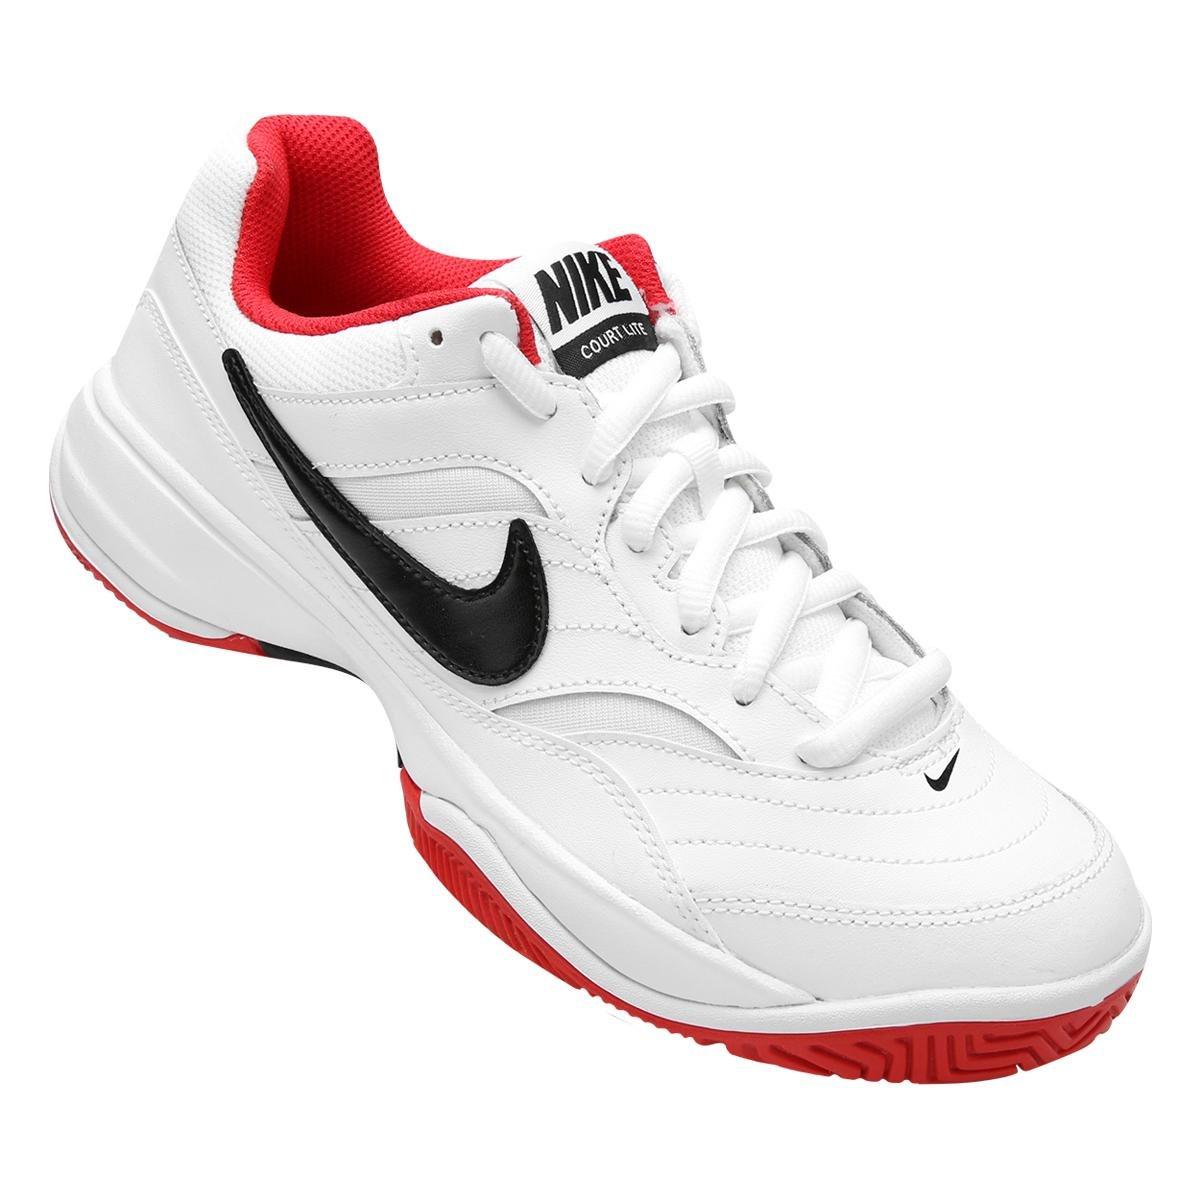 570cf802f7 Tênis Nike Court Lite Masculino - Branco e Vermelho - Compre Agora ...